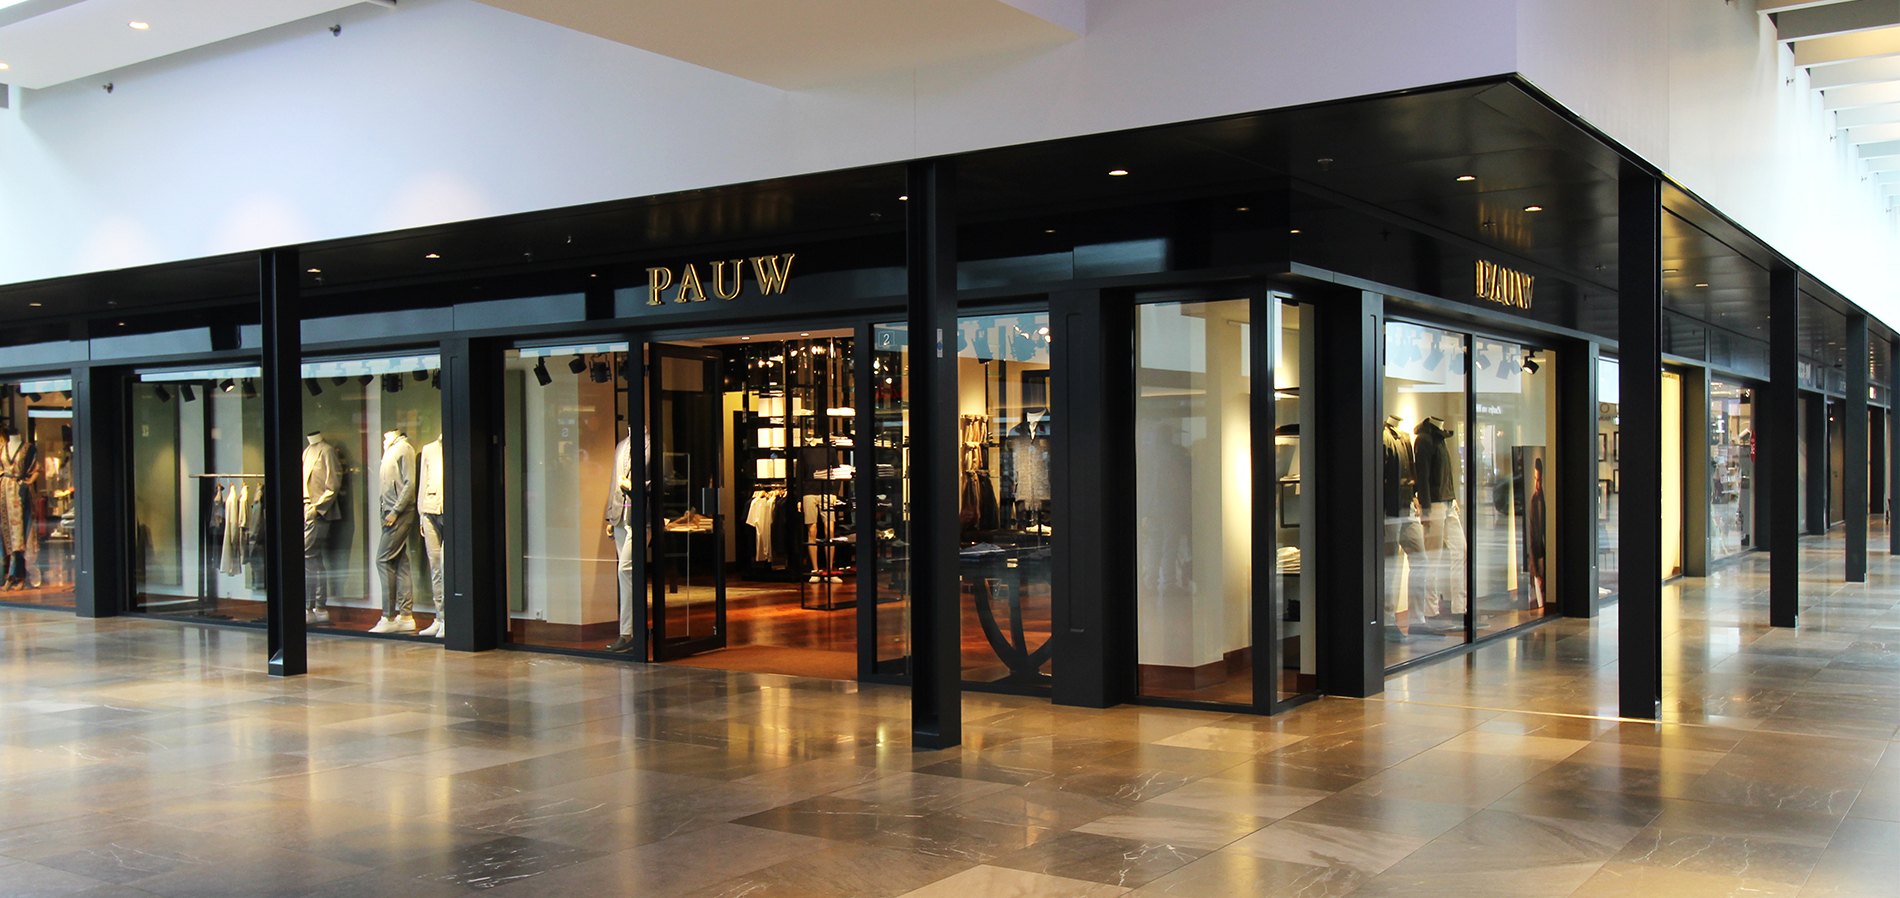 pauw mannen luxury denim